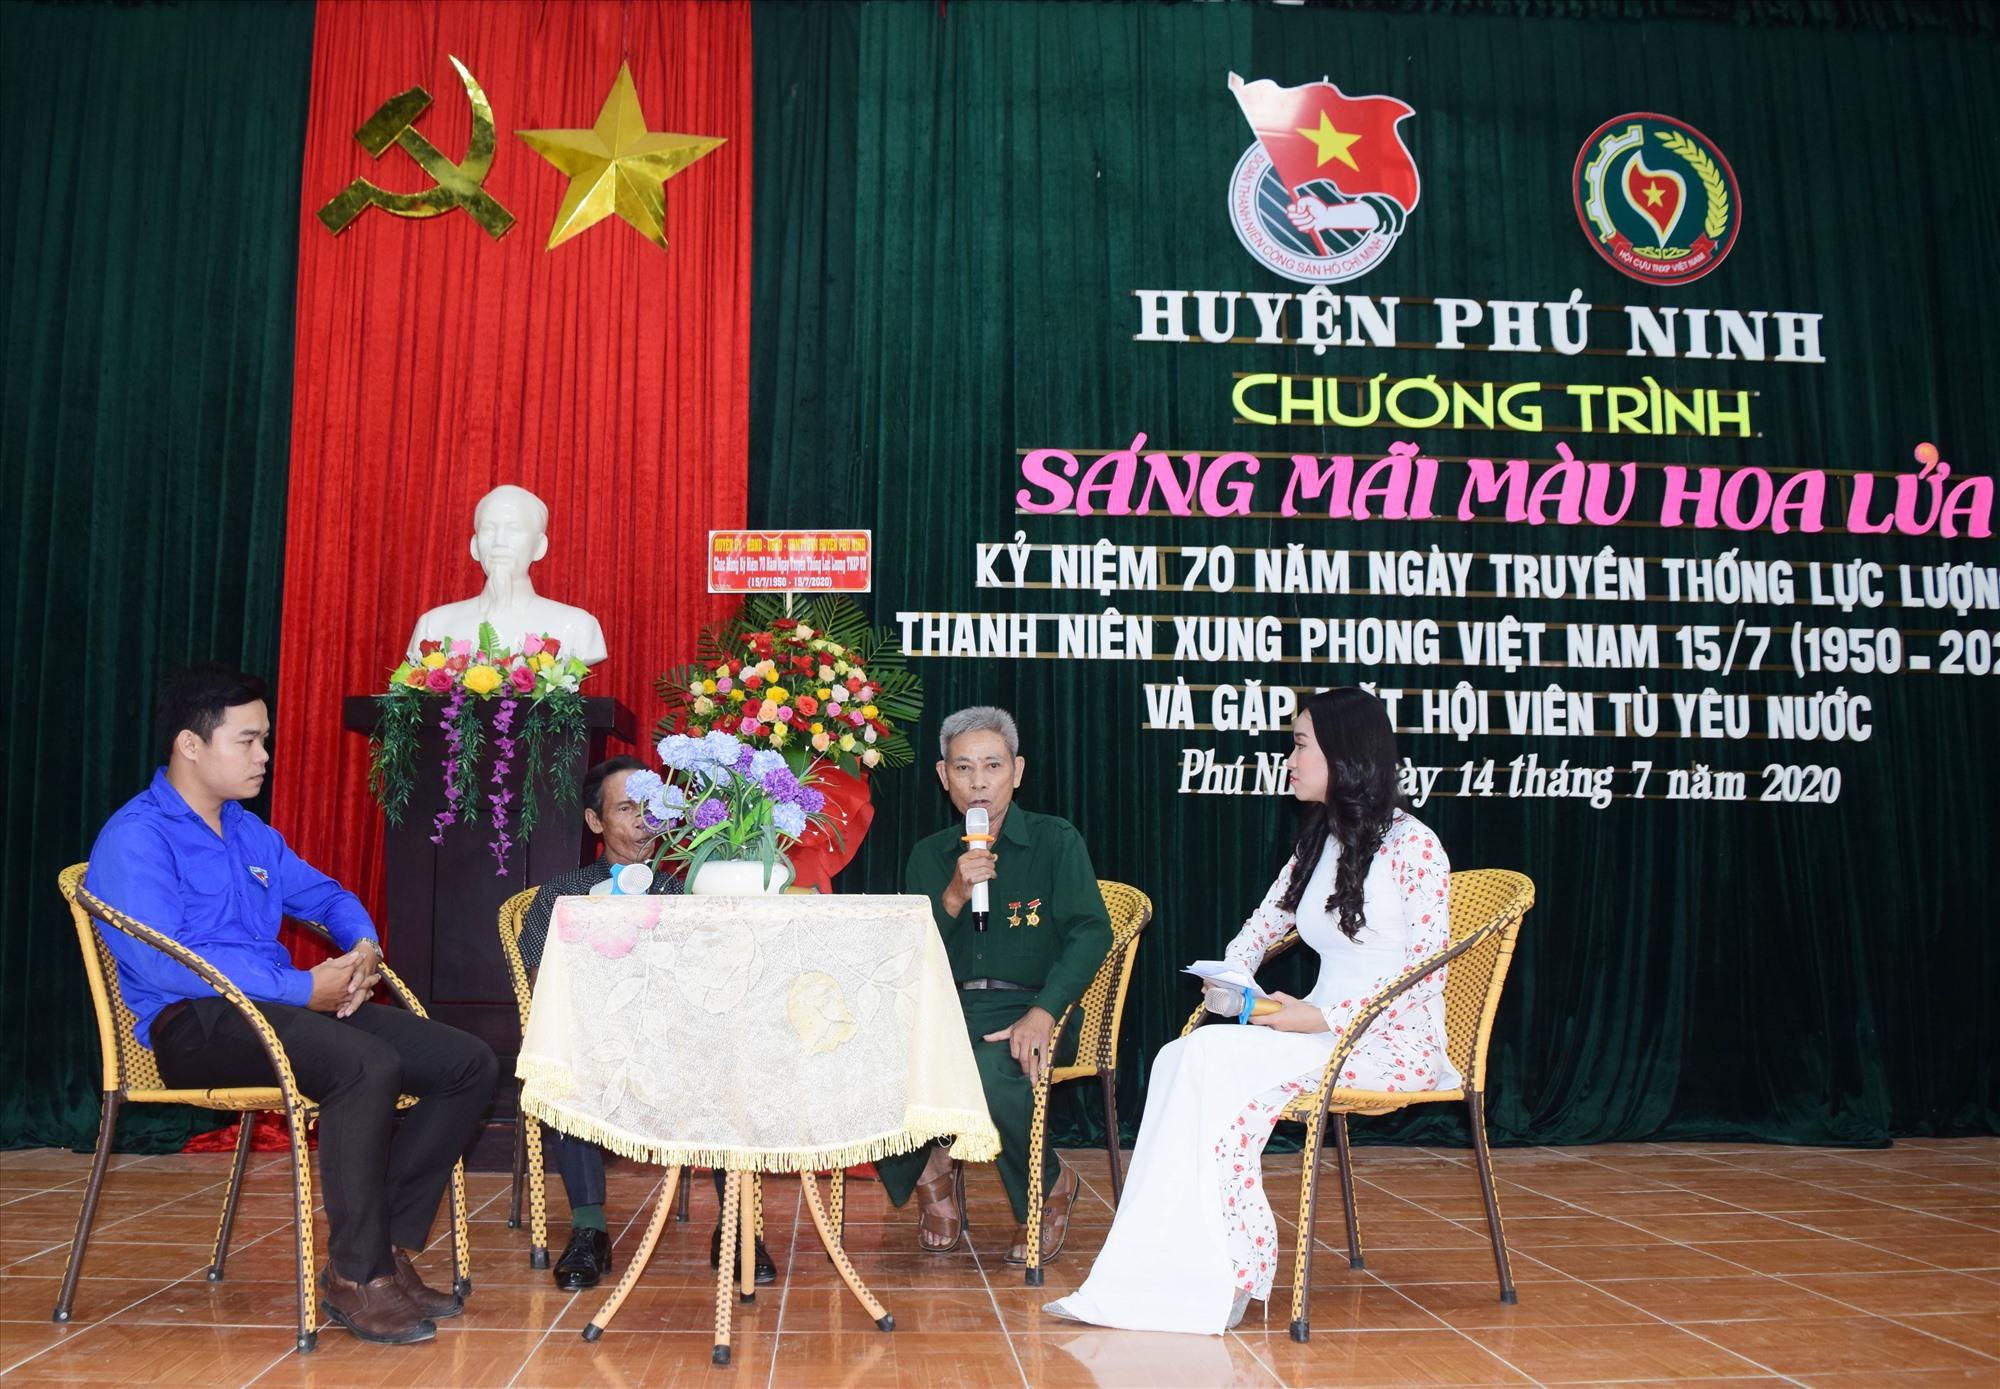 Tuổi trẻ Phú Ninh giao lưu với cựu TNXP, cựu tù yêu nước. Ảnh: L.C